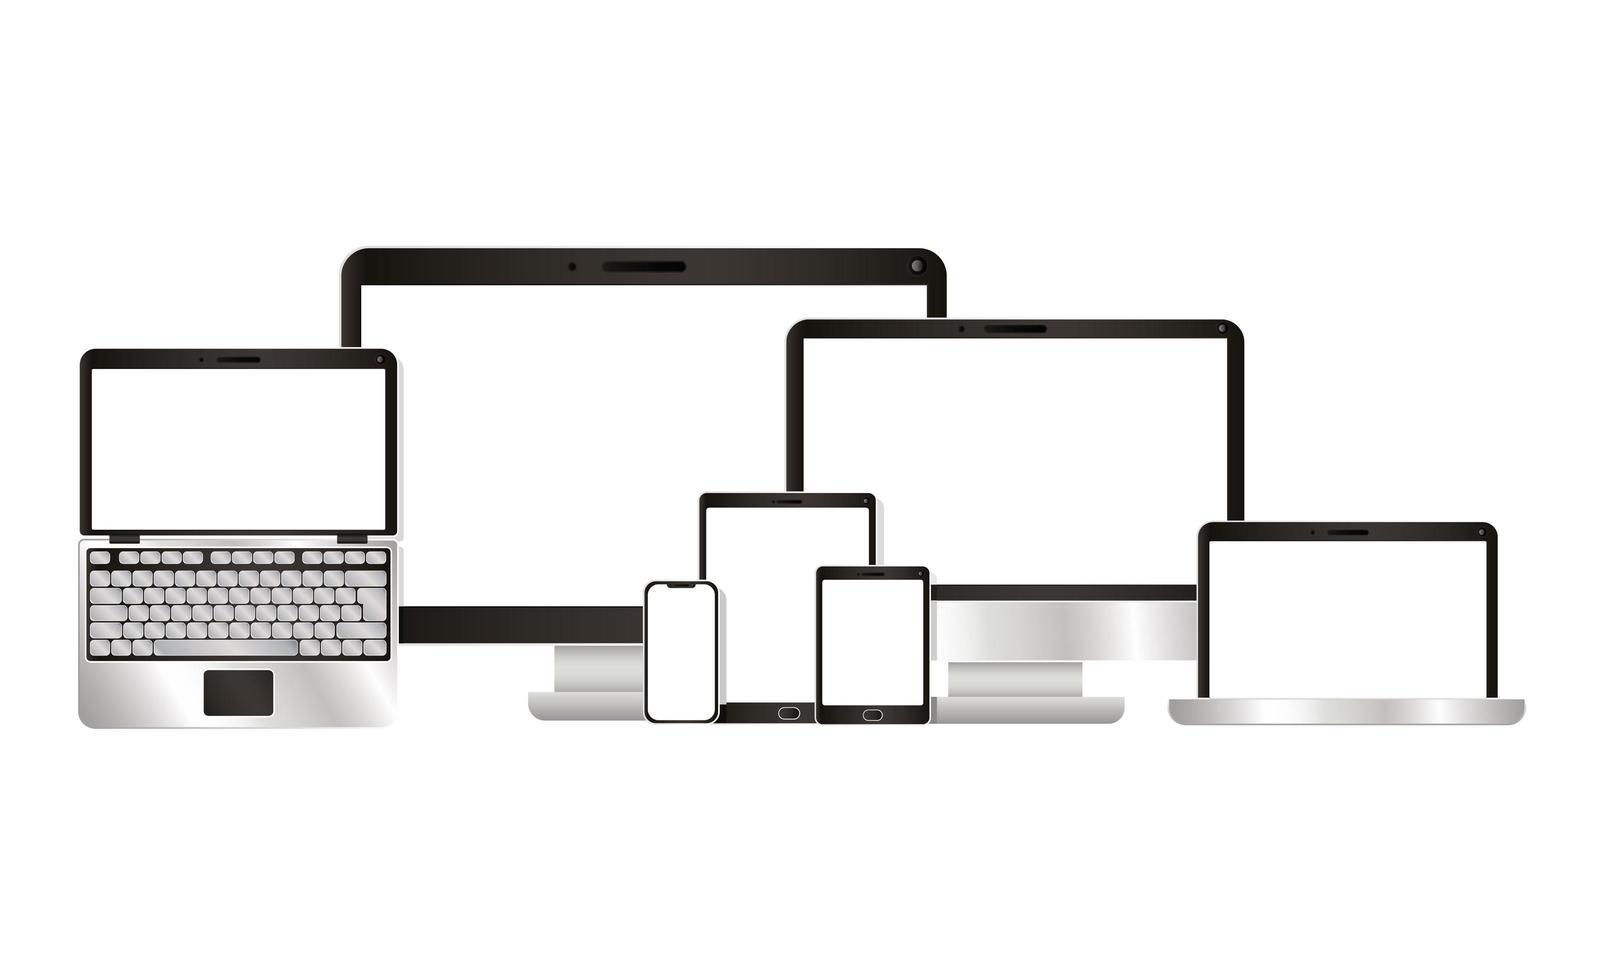 Diseños vectoriales de computadora portátil tableta y teléfono inteligente vector